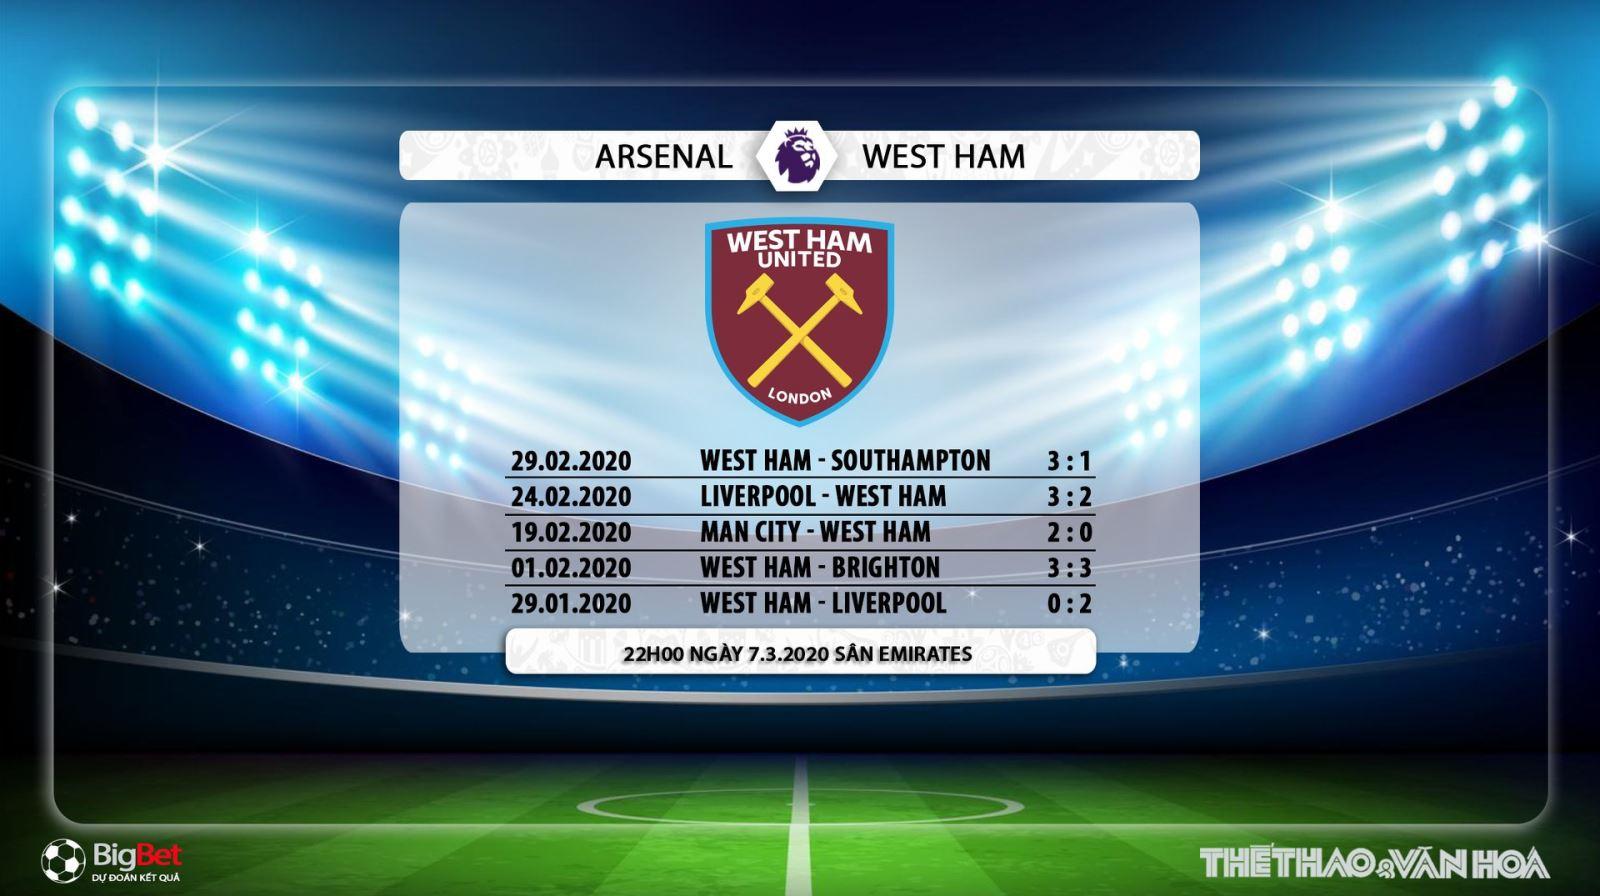 Arsenal vs West Ham, Arsenal, West Ham, trực tiếp bóng đá, trực tiếp Arsenal vs West Ham, lịch thi đấu bóng đám, K+PM, K+PC, bóng đá, bong da